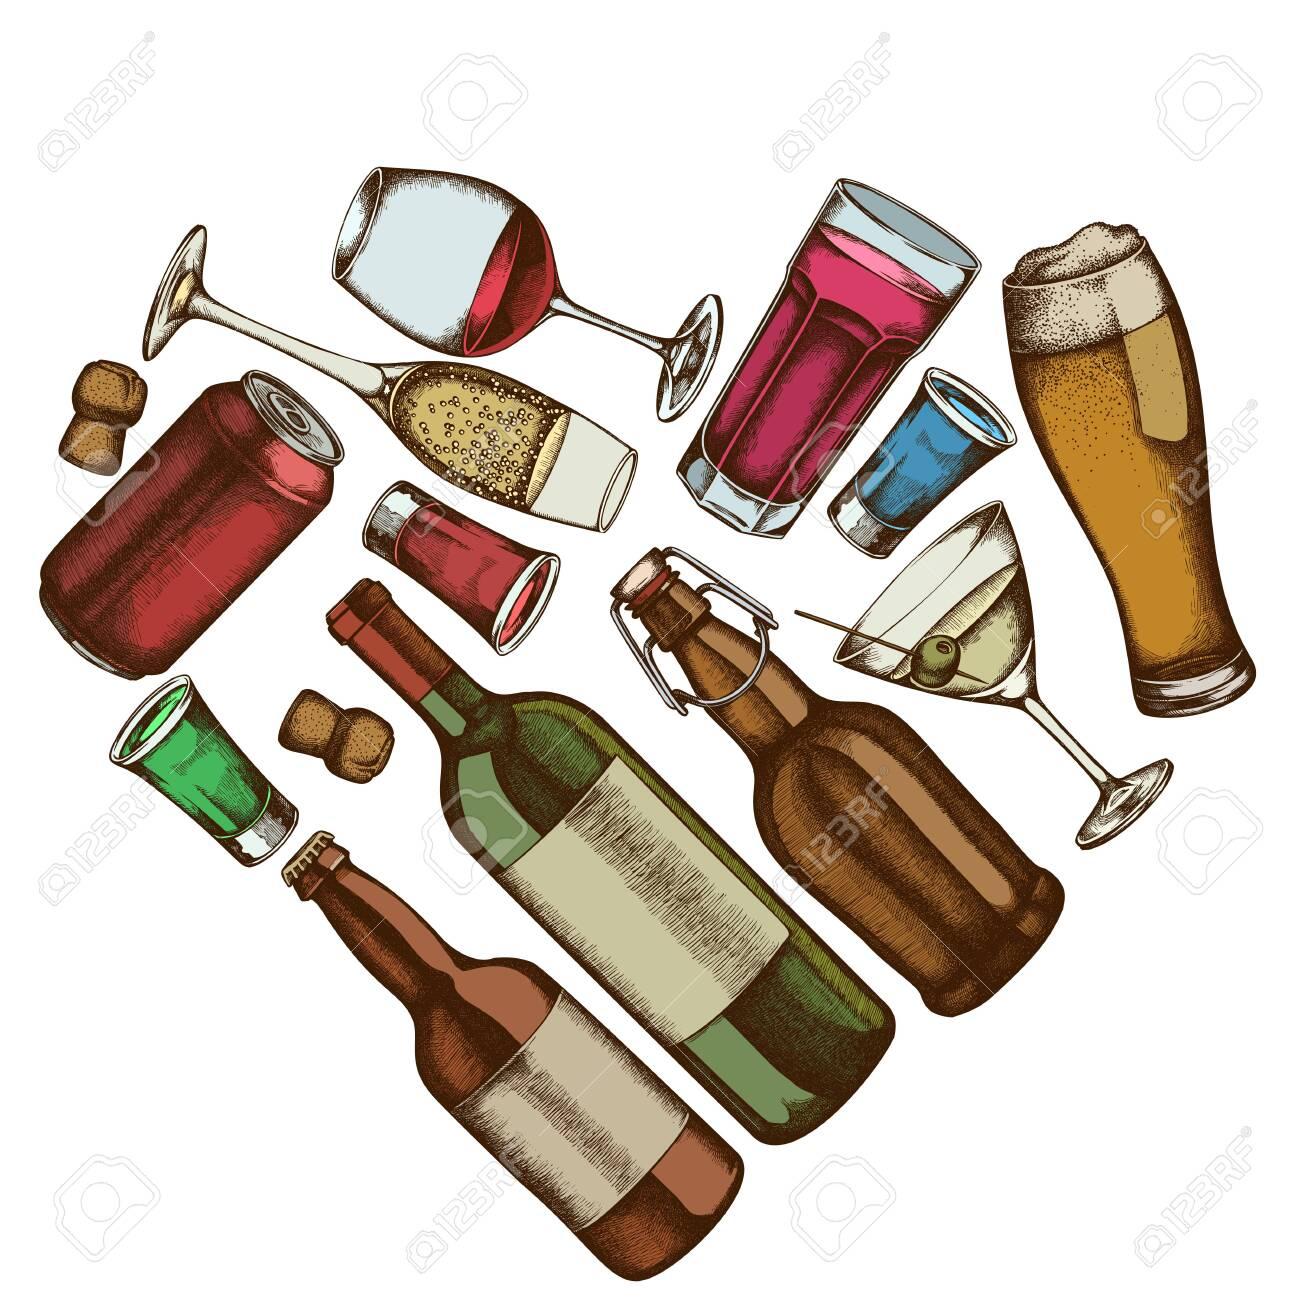 Beer #1 Mug Glass Bar Bartender Cheers Drink Alcohol Liquor Cocktail Logo  .SVG .EPS .PNG Instant Digital Clip… | Logos de cerveja, Imagem cerveja,  Caneca de cerveja